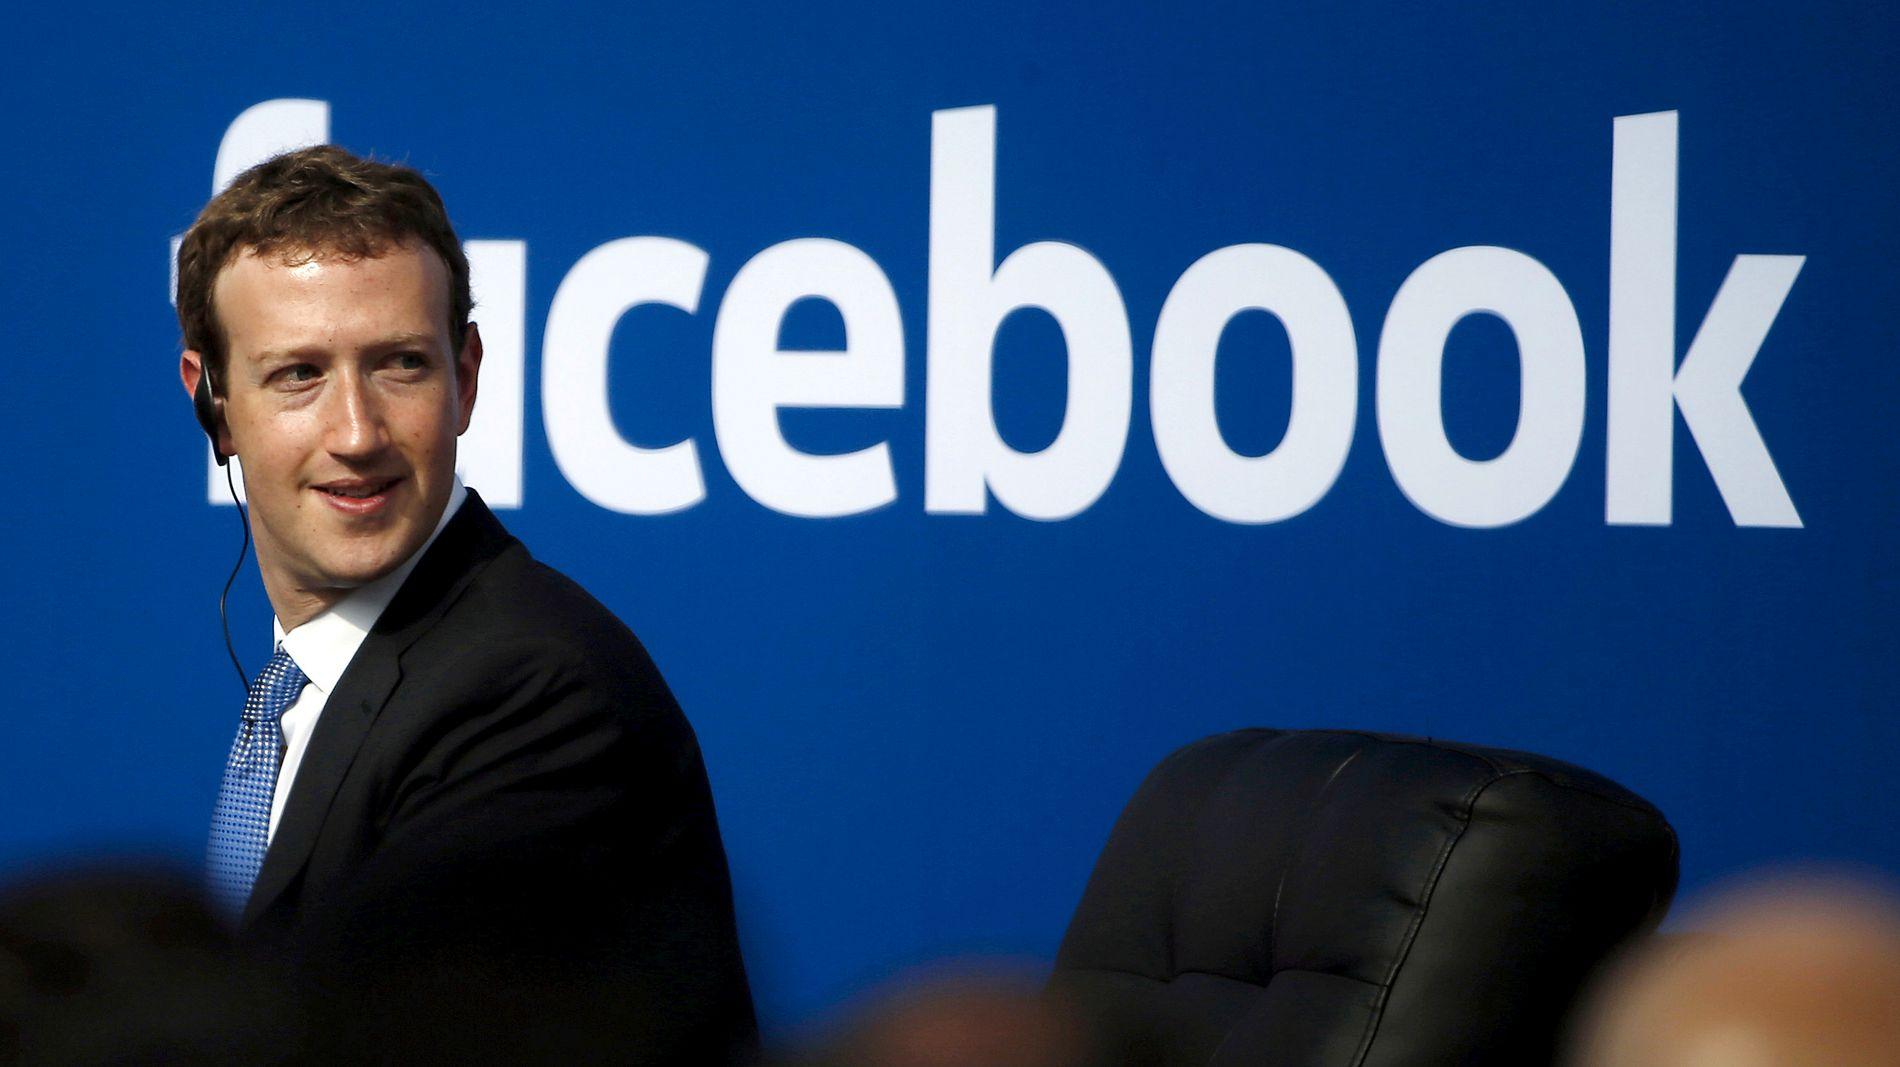 NY BRANSJE: Facebook kan tilby banktjenester som følge av et nytt EU-direktiv.